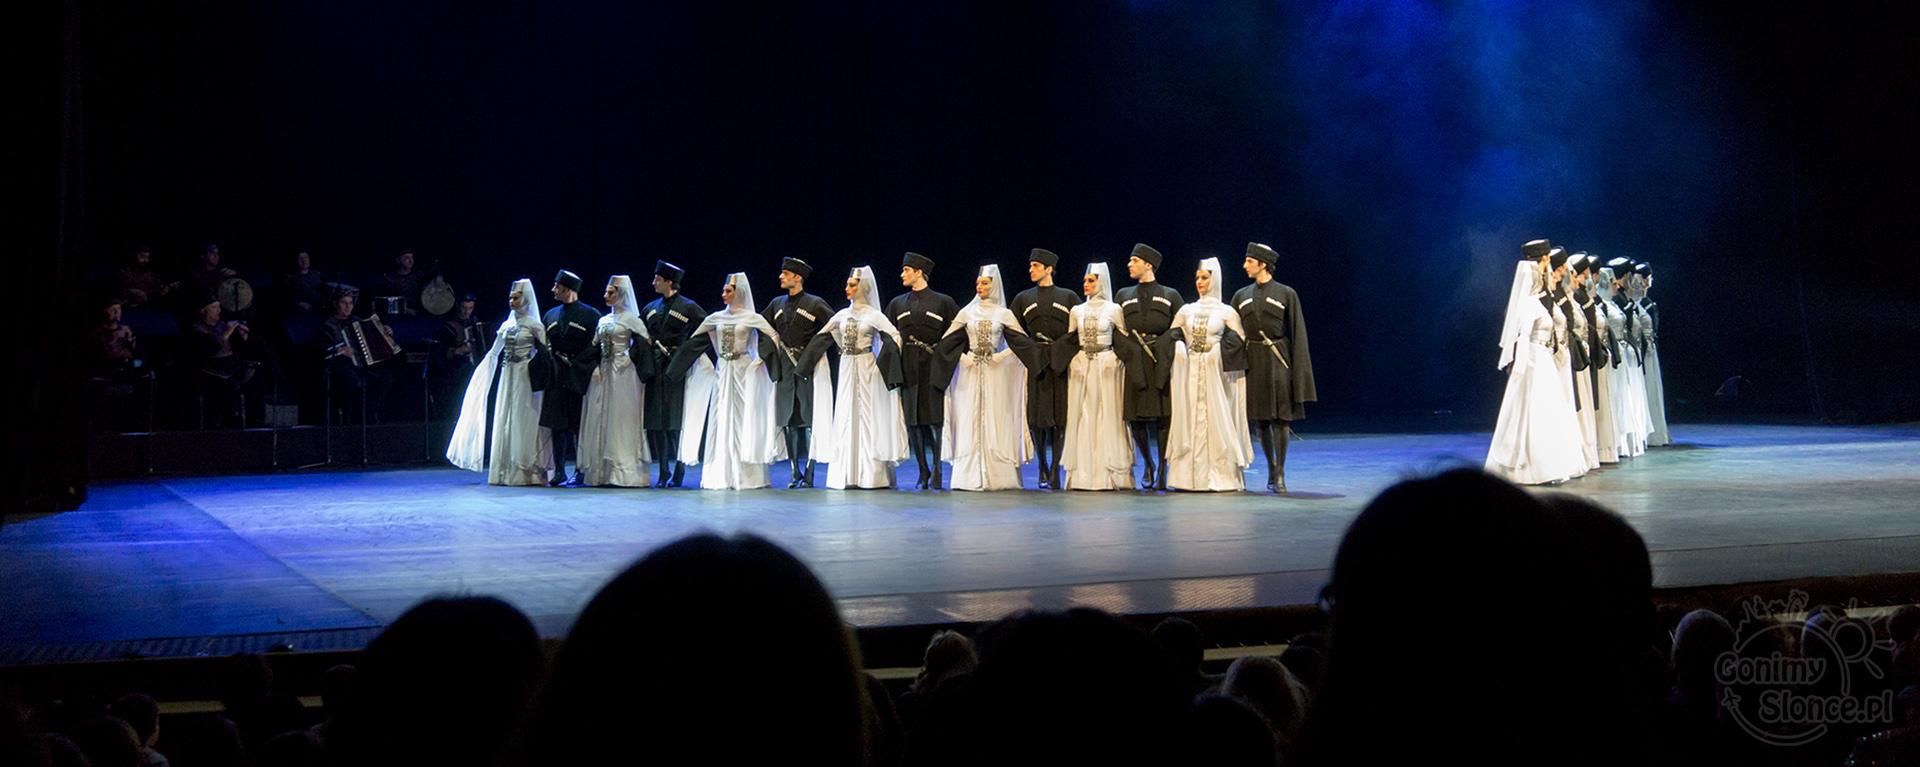 Narodowy Balet Gruzji Sukhishvili 01 blog kulturalny